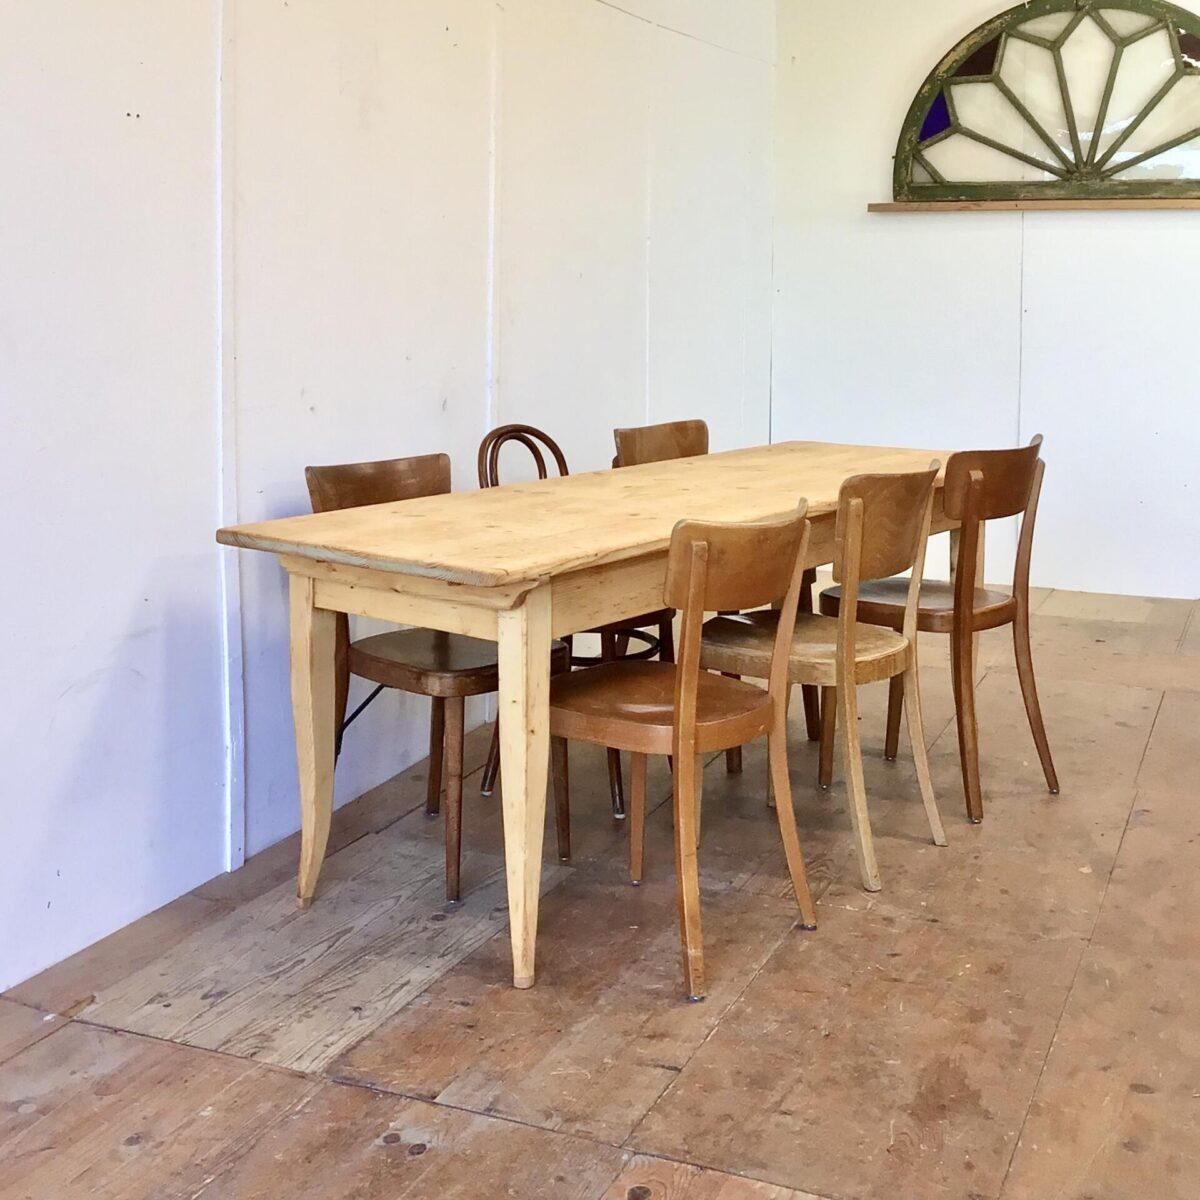 Deuxieme.shop Antiker Beizentisch vintage Tisch. Biedermeiertisch aus Tannenholz 210x70cm Höhe 75.5cm. Die leicht geschwungenen Tischbeine wurden mal bisschen angesetzt, die Beinfreiheit ist dafür gewährleistet. Der Esstisch ist überarbeitet und in stabilem Zustand. Holzoberflächen mit Naturöl behandelt. Das Tischblatt ist mittels Holzzapfen mit dem Unterbau verbunden.